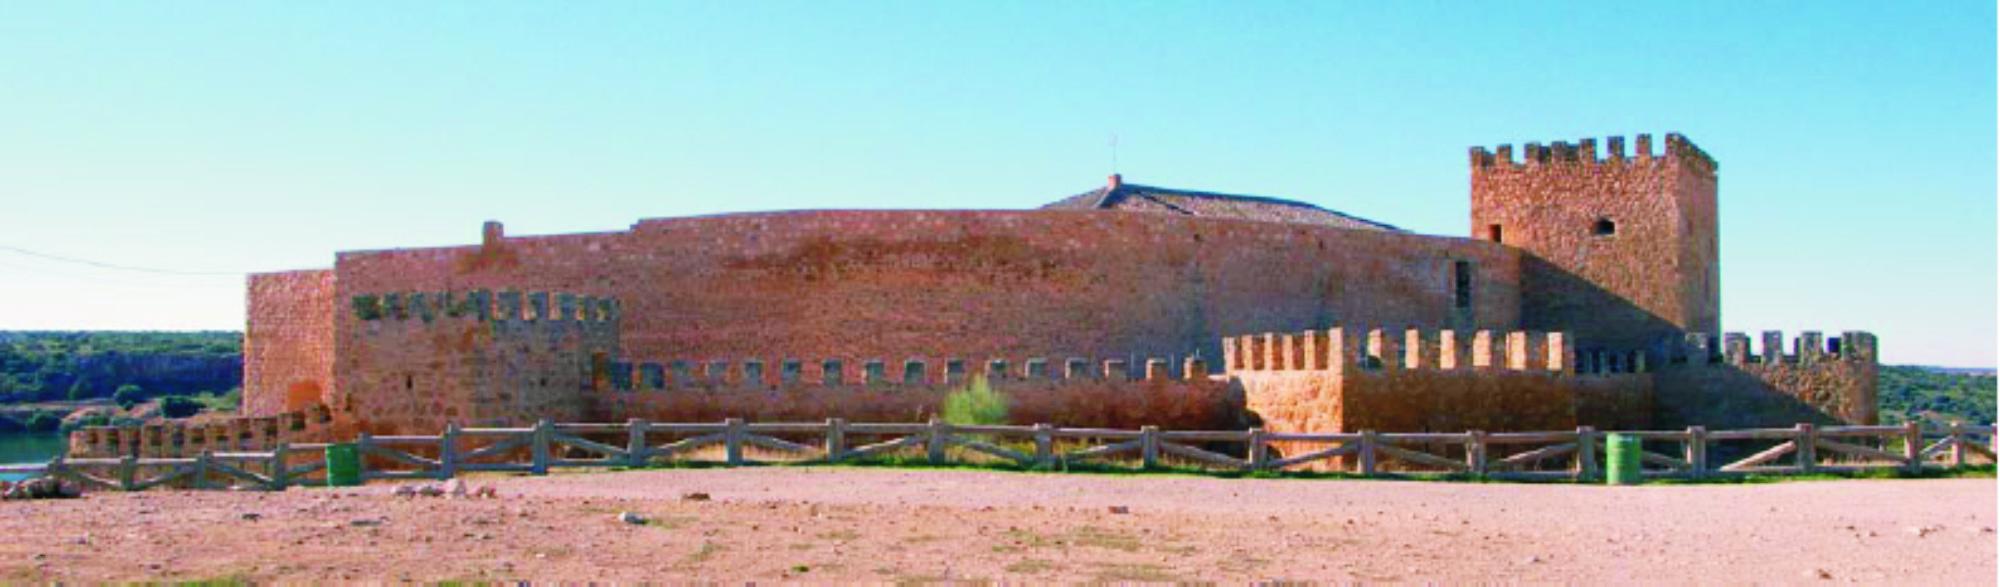 Castillo de Peñarroya, Argamasilla de Alba